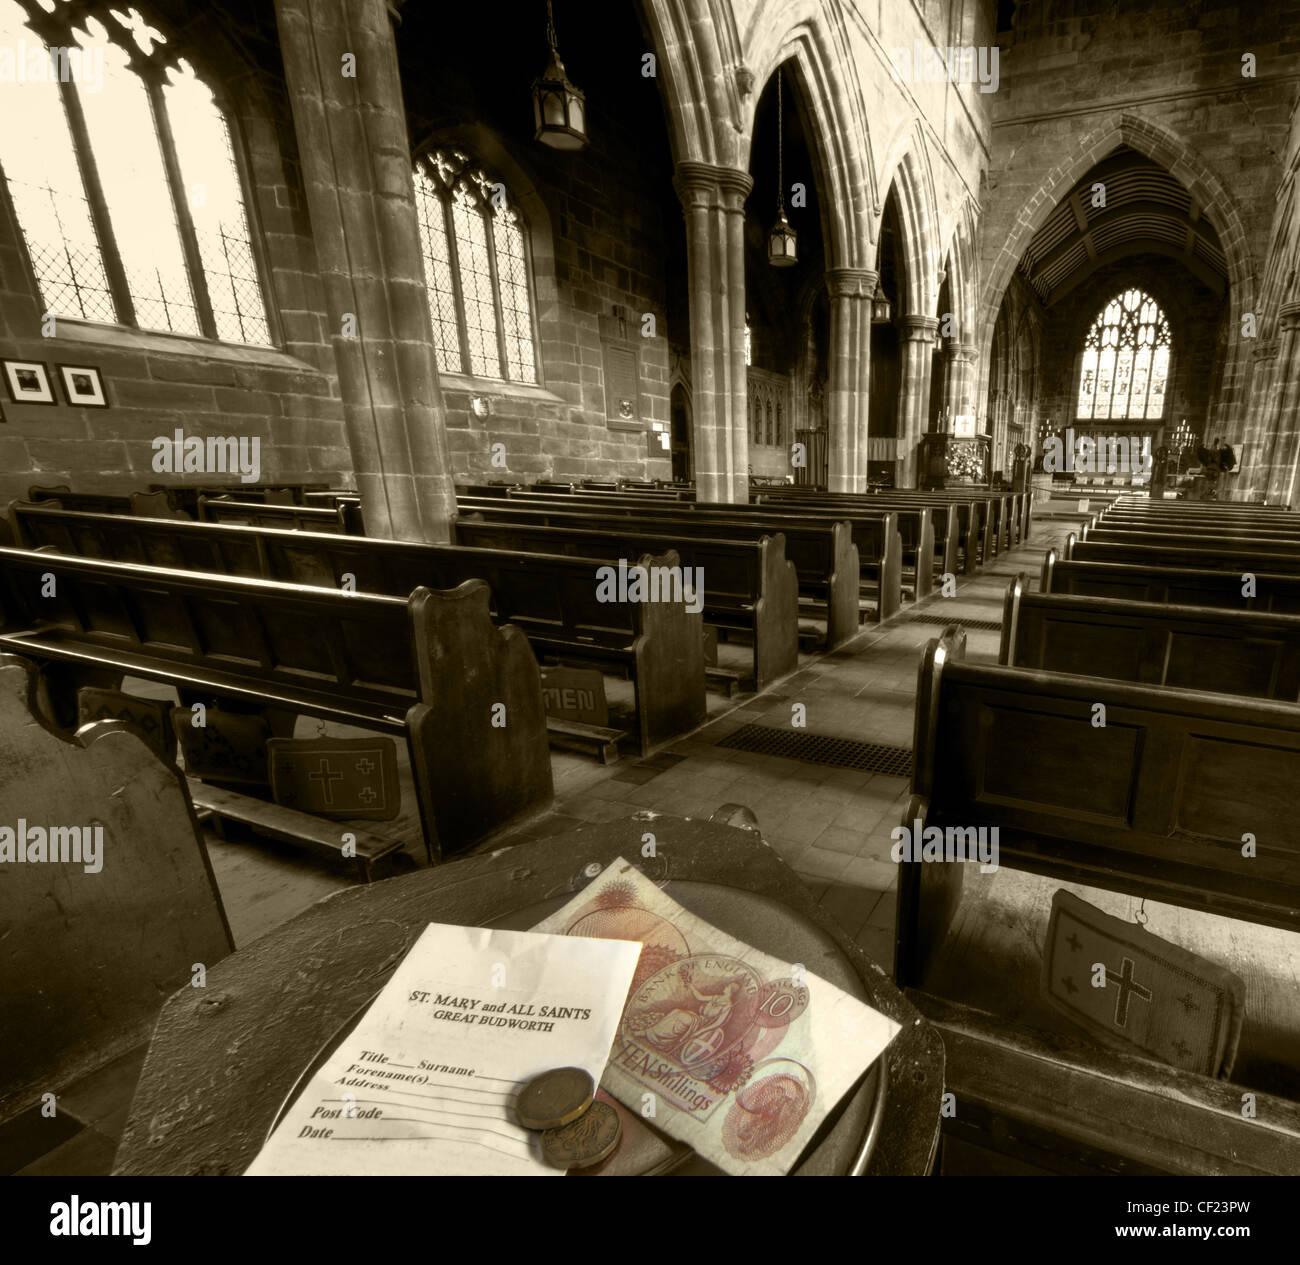 Laden Sie dieses Alamy Stockfoto Sammlung Platte Spende Great Budworth St. Marys Church, Northwich, Cheshire, England, UK - CF23PW